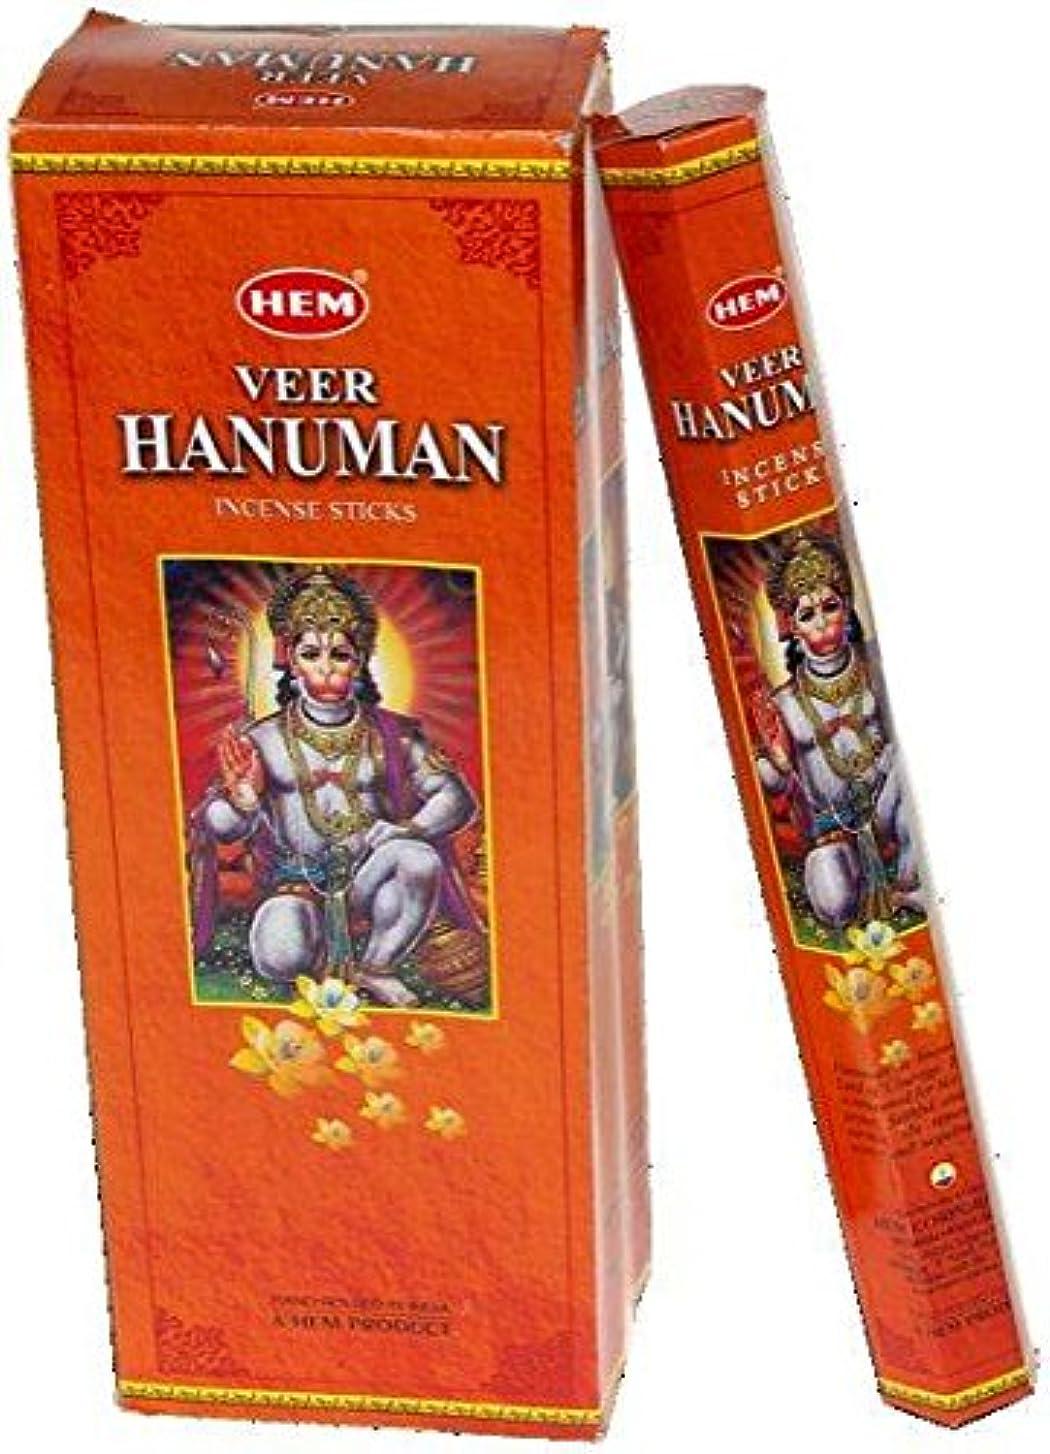 攻撃捨てる高齢者HEM (ヘム) インセンス スティック へキサパック ハヌマーン ハヌマン香 6角(20本入)×1箱 [並行輸入品] Hanuman